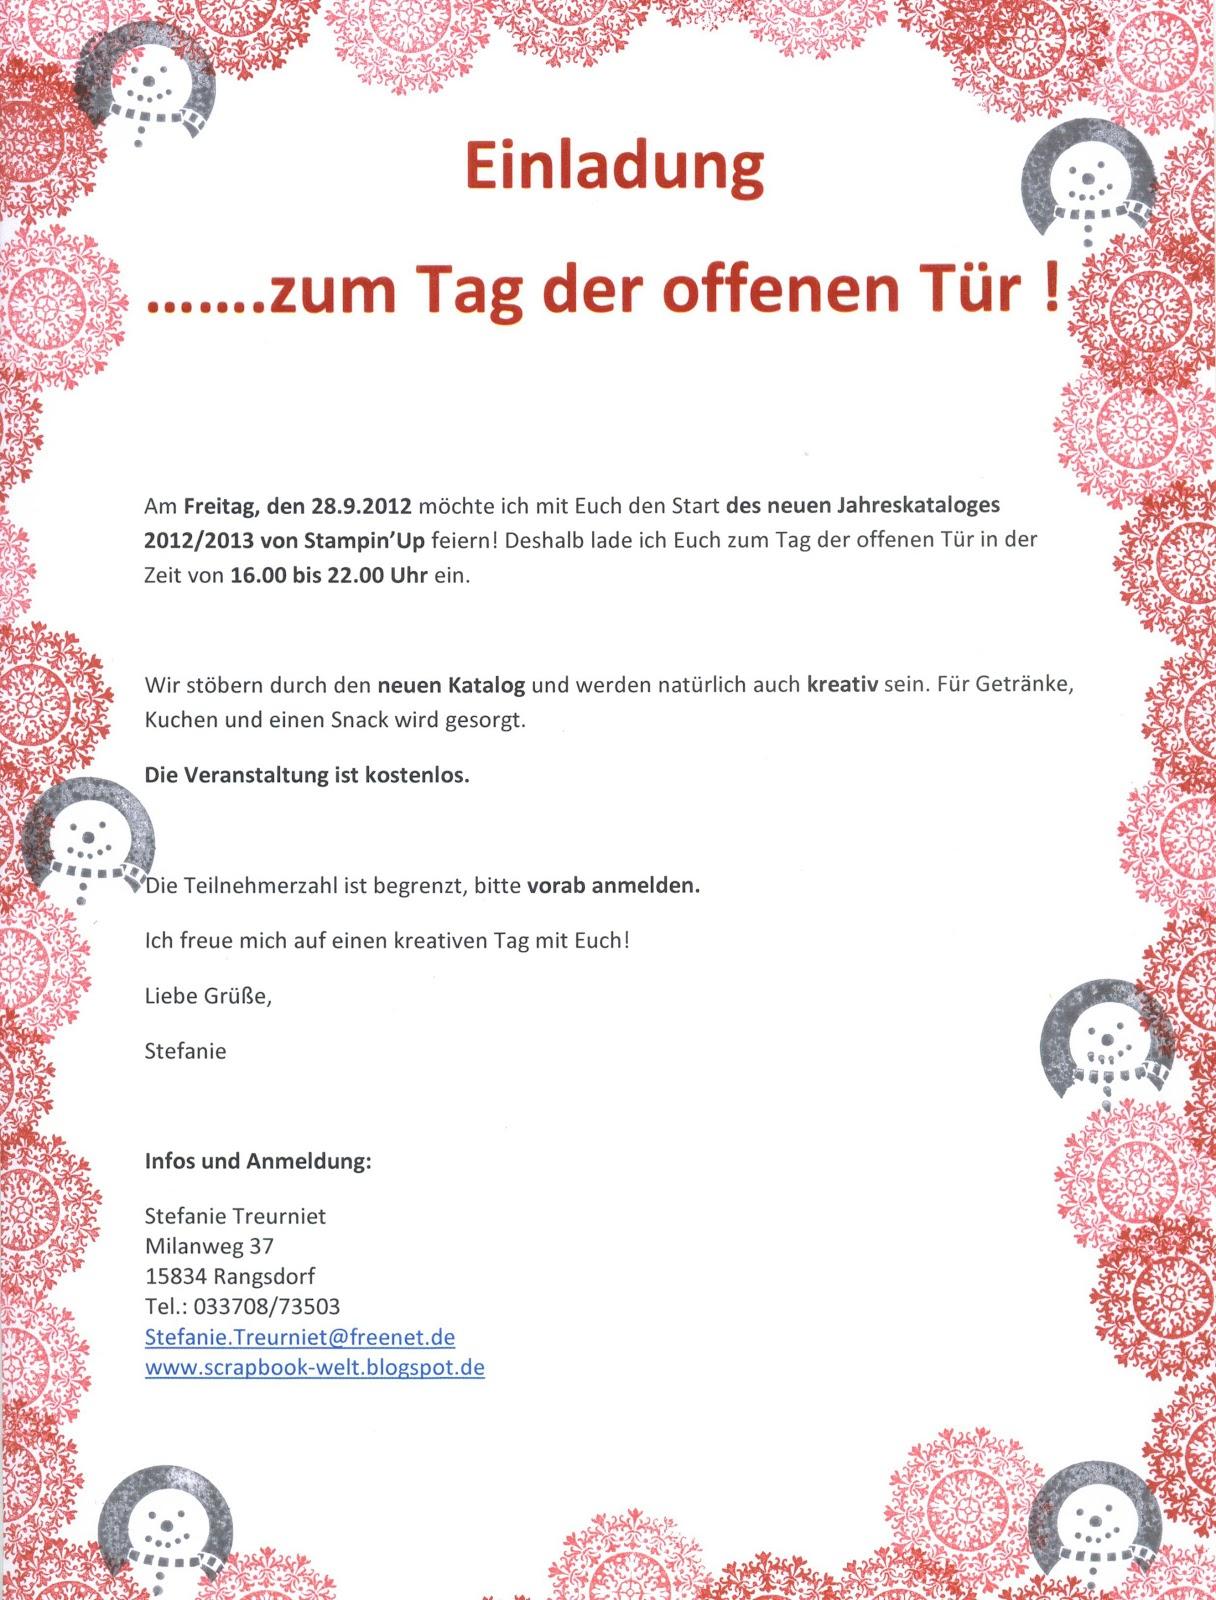 stefanie's scrapbookwelt: einladung zum tag der offenen tür!, Einladung